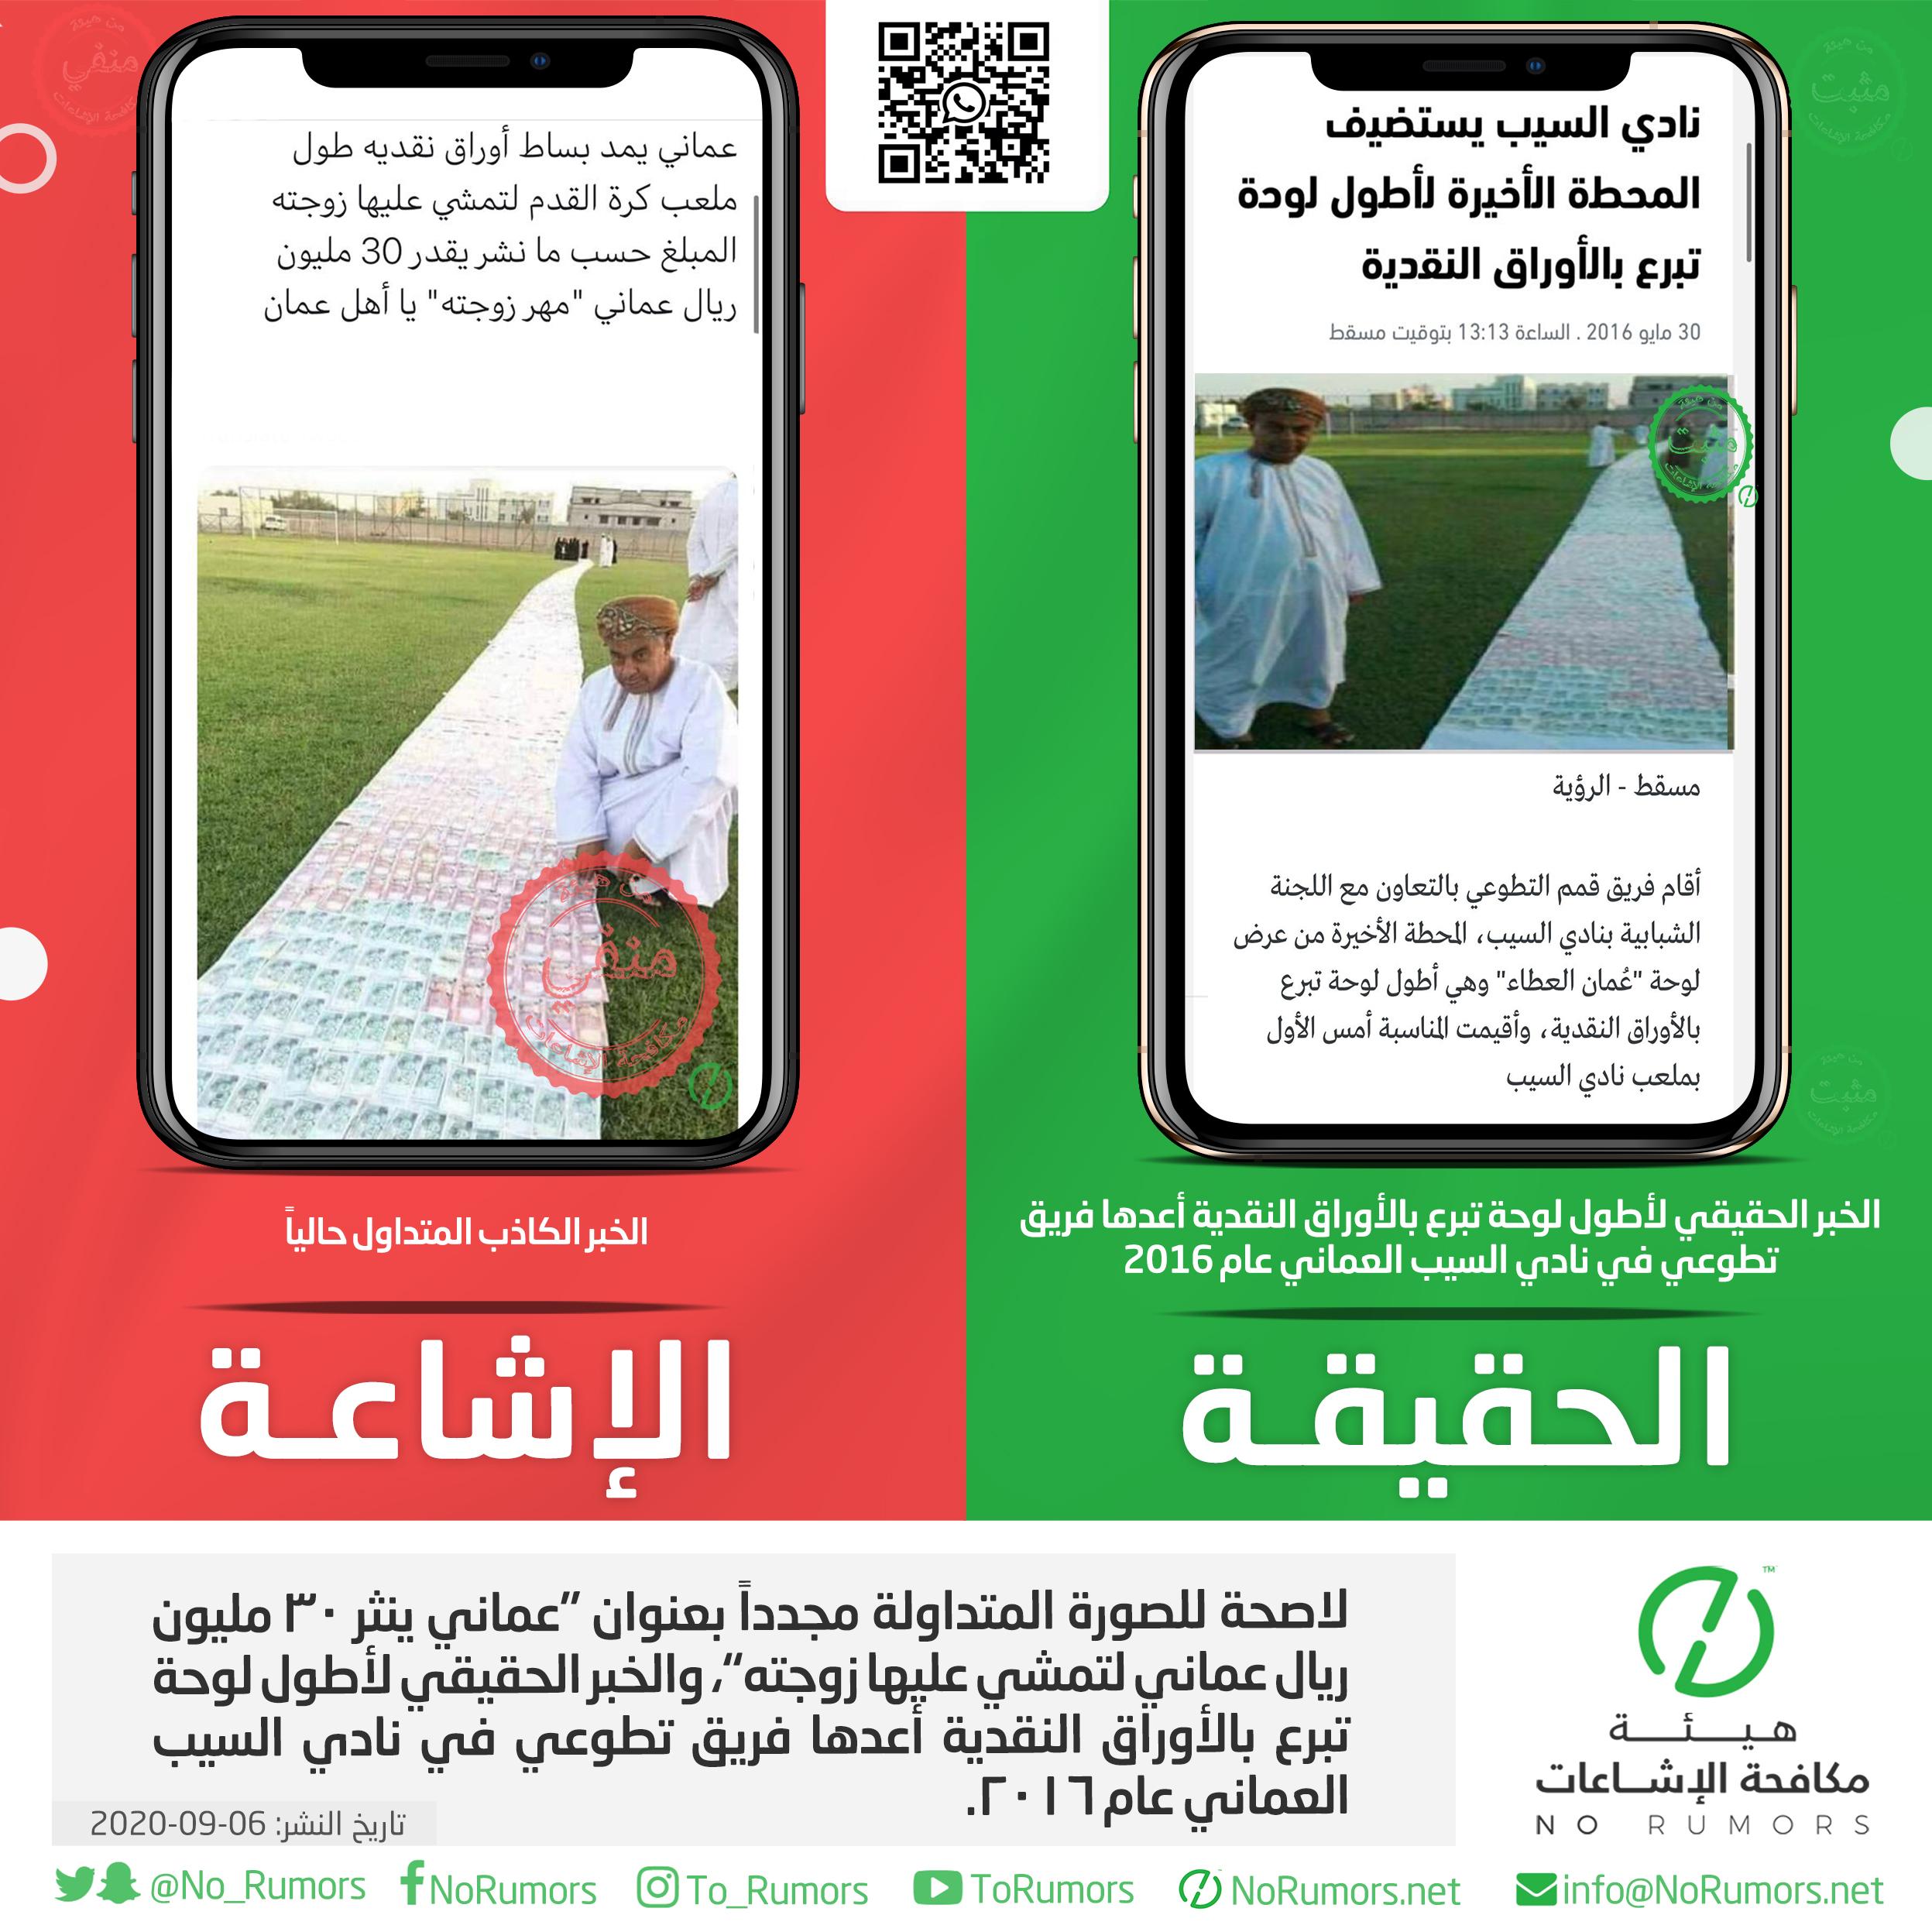 """حقيقة الصورة المتداولة مجدداً بعنوان """"عماني ينثر ٣٠ مليون ريال عماني لتمشي عليها زوجته"""""""